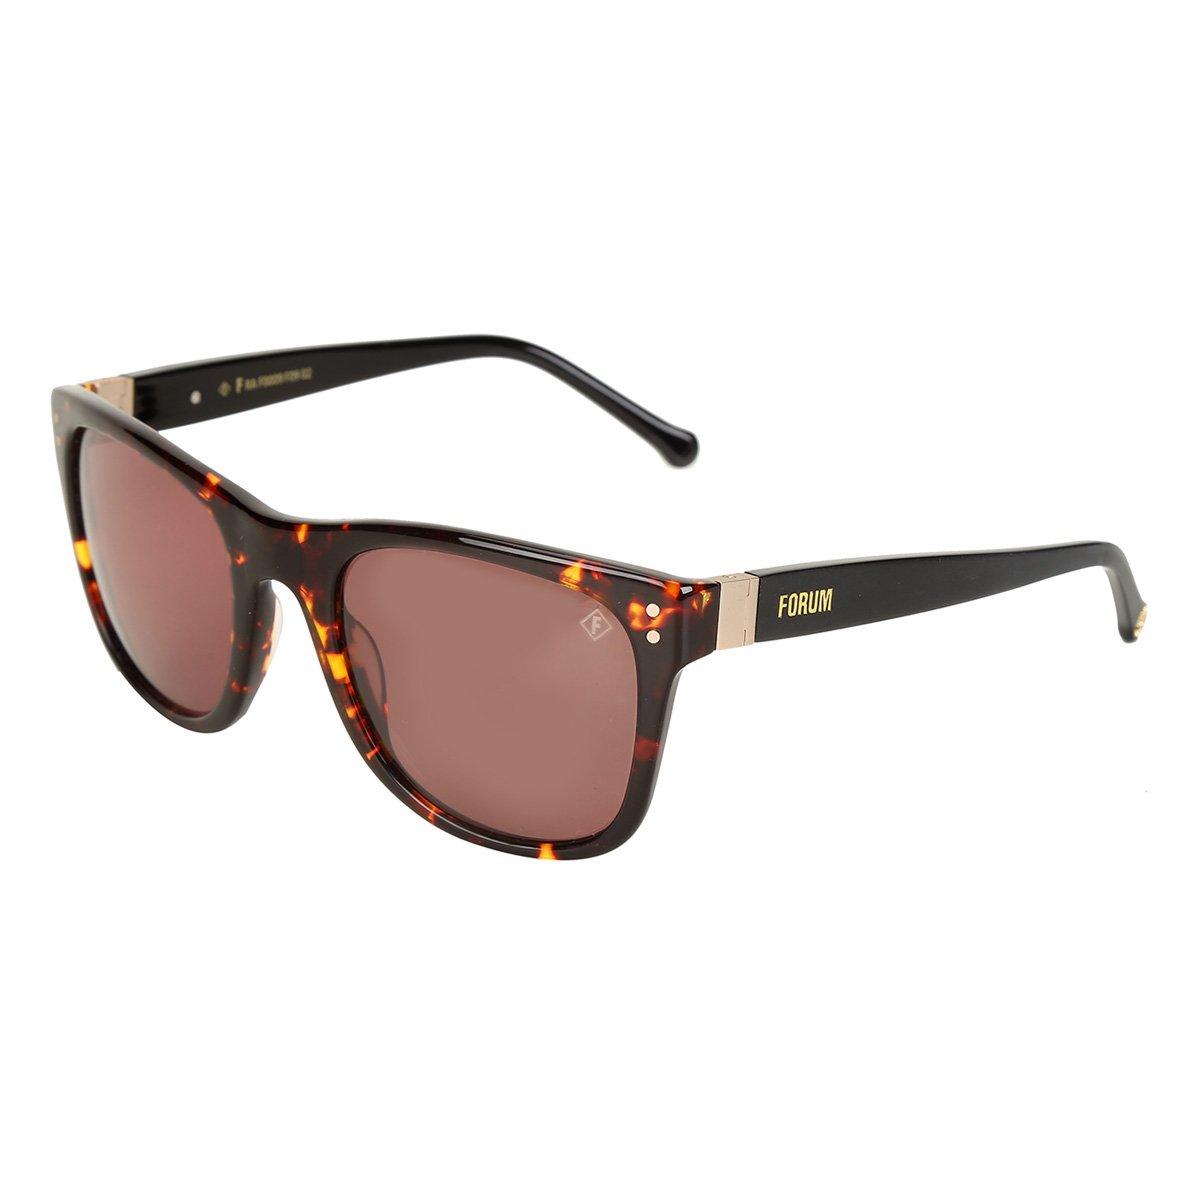 9beb2aff3f2c5 Óculos de Sol Forum Demi Fosco Feminino - Compre Agora